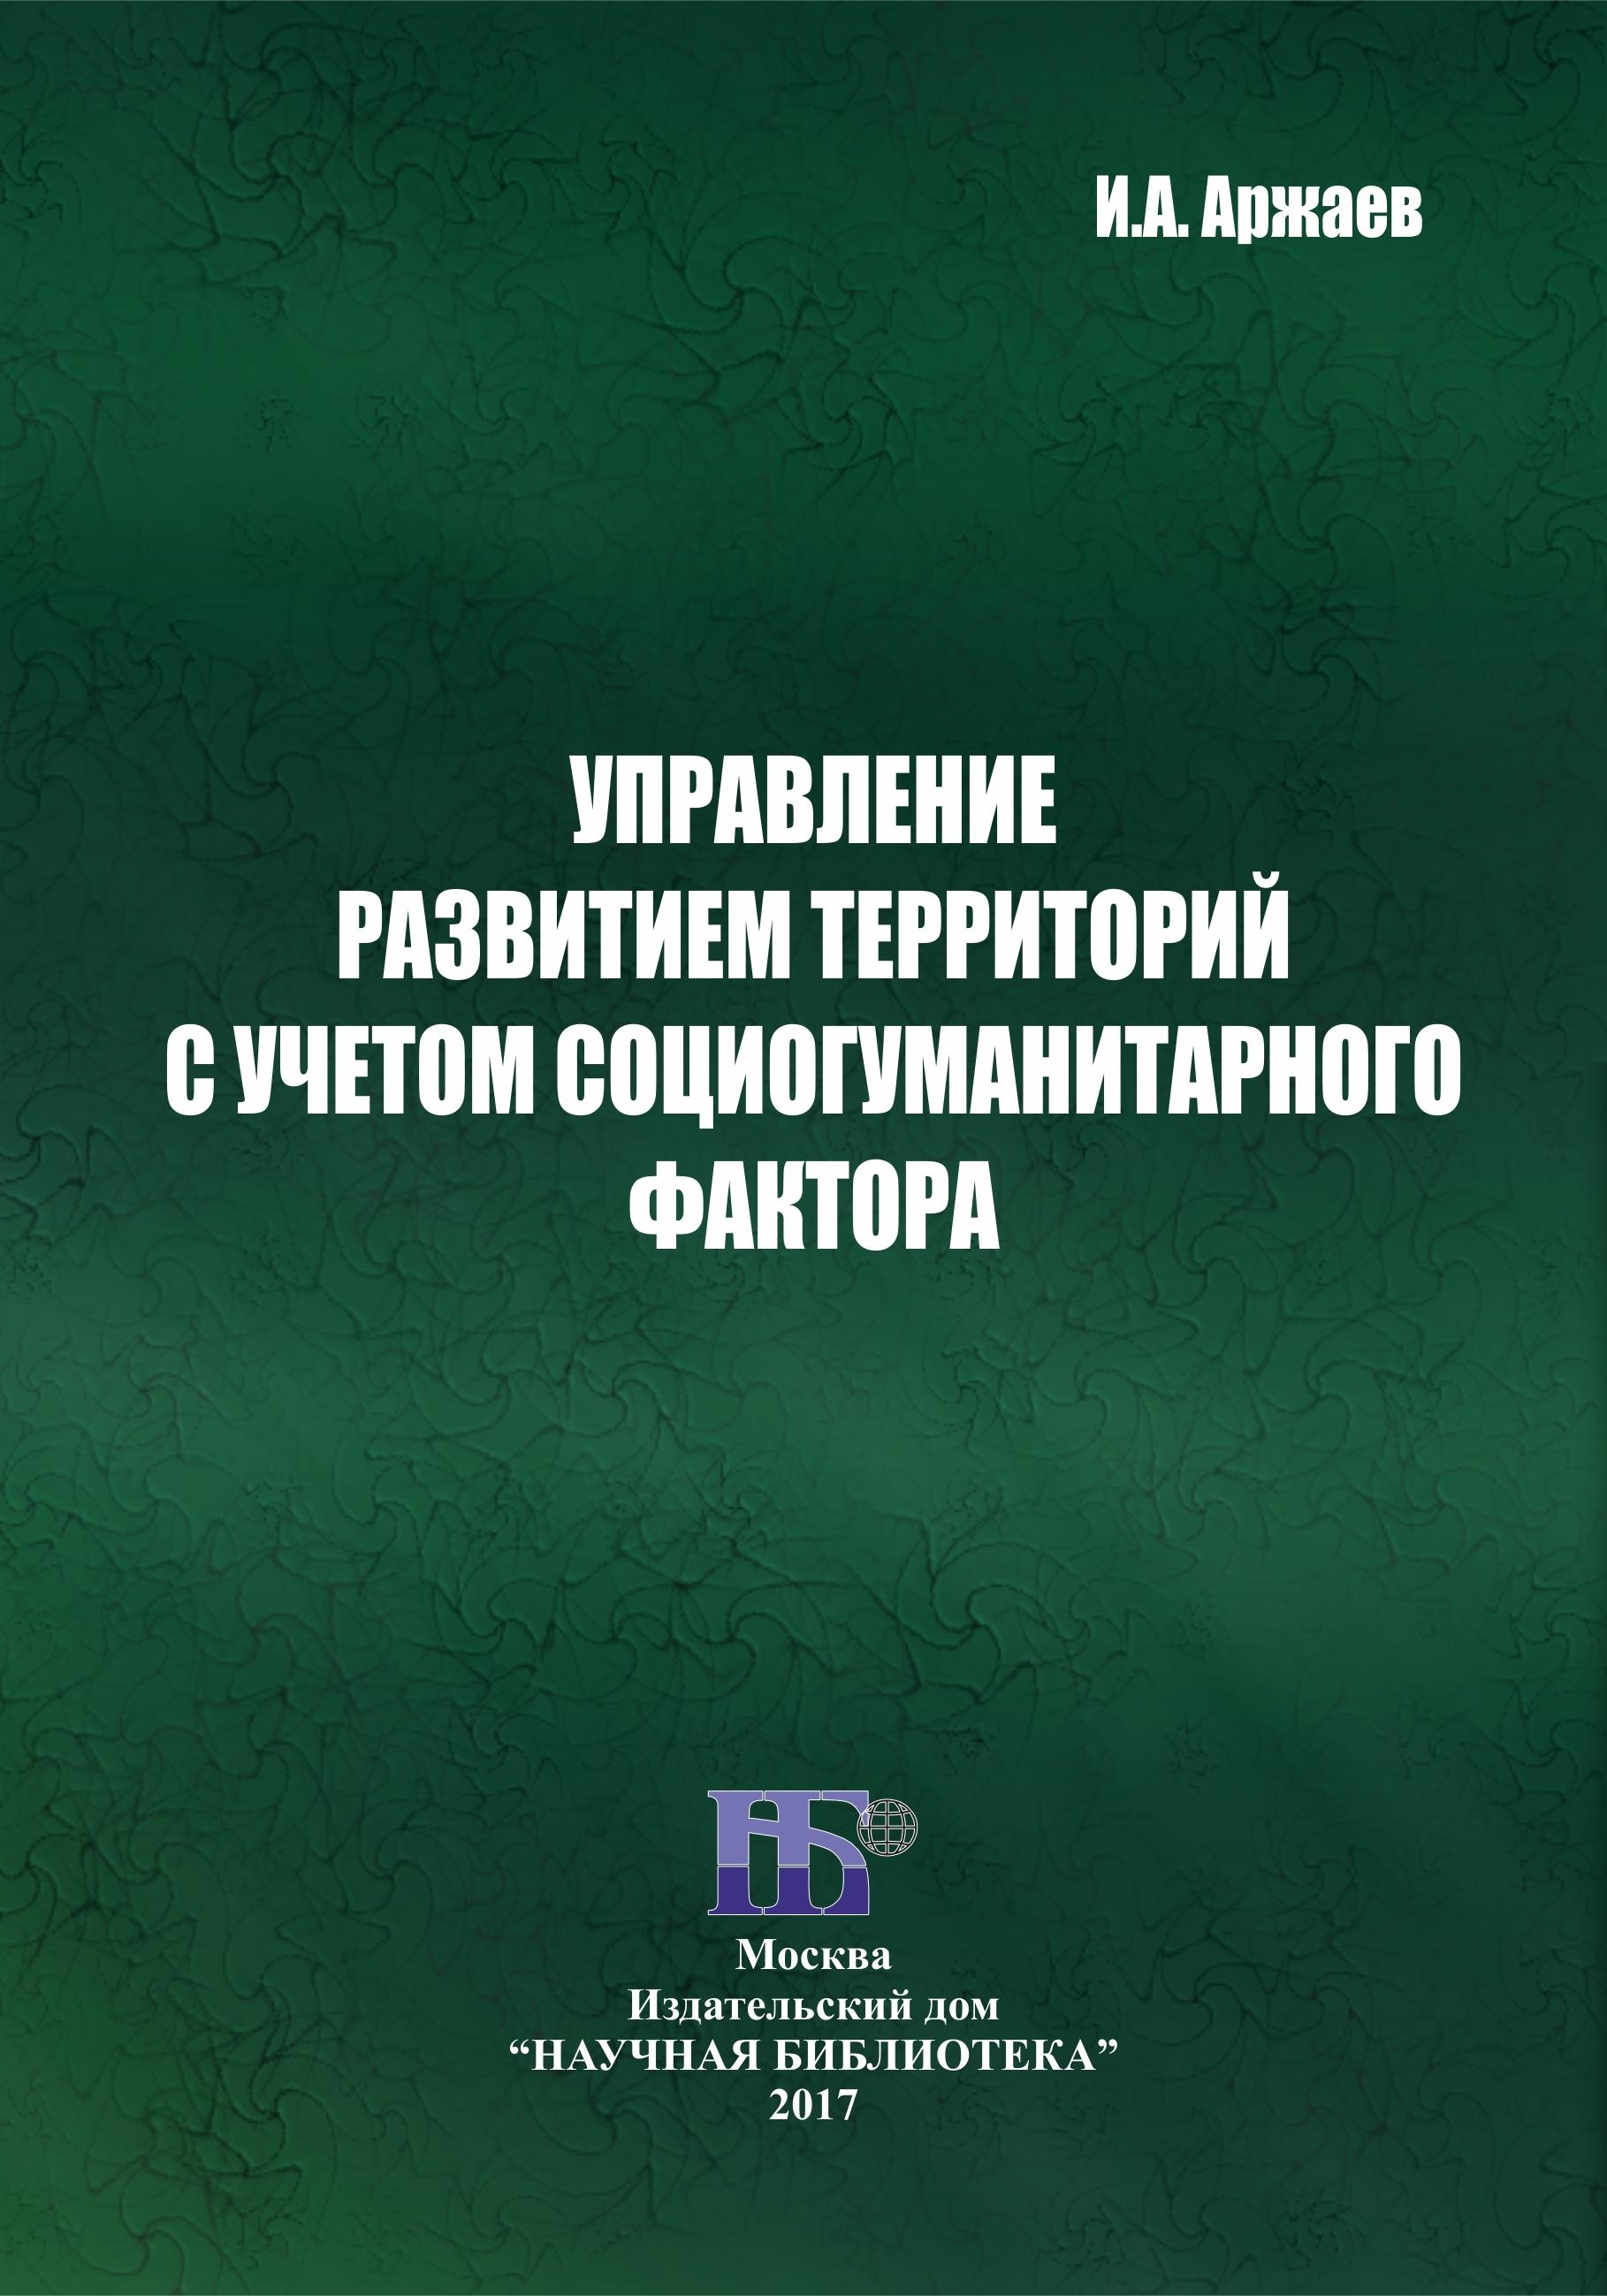 фото обложки издания Управление развитием территорий с учетом социогуманитарного фактора